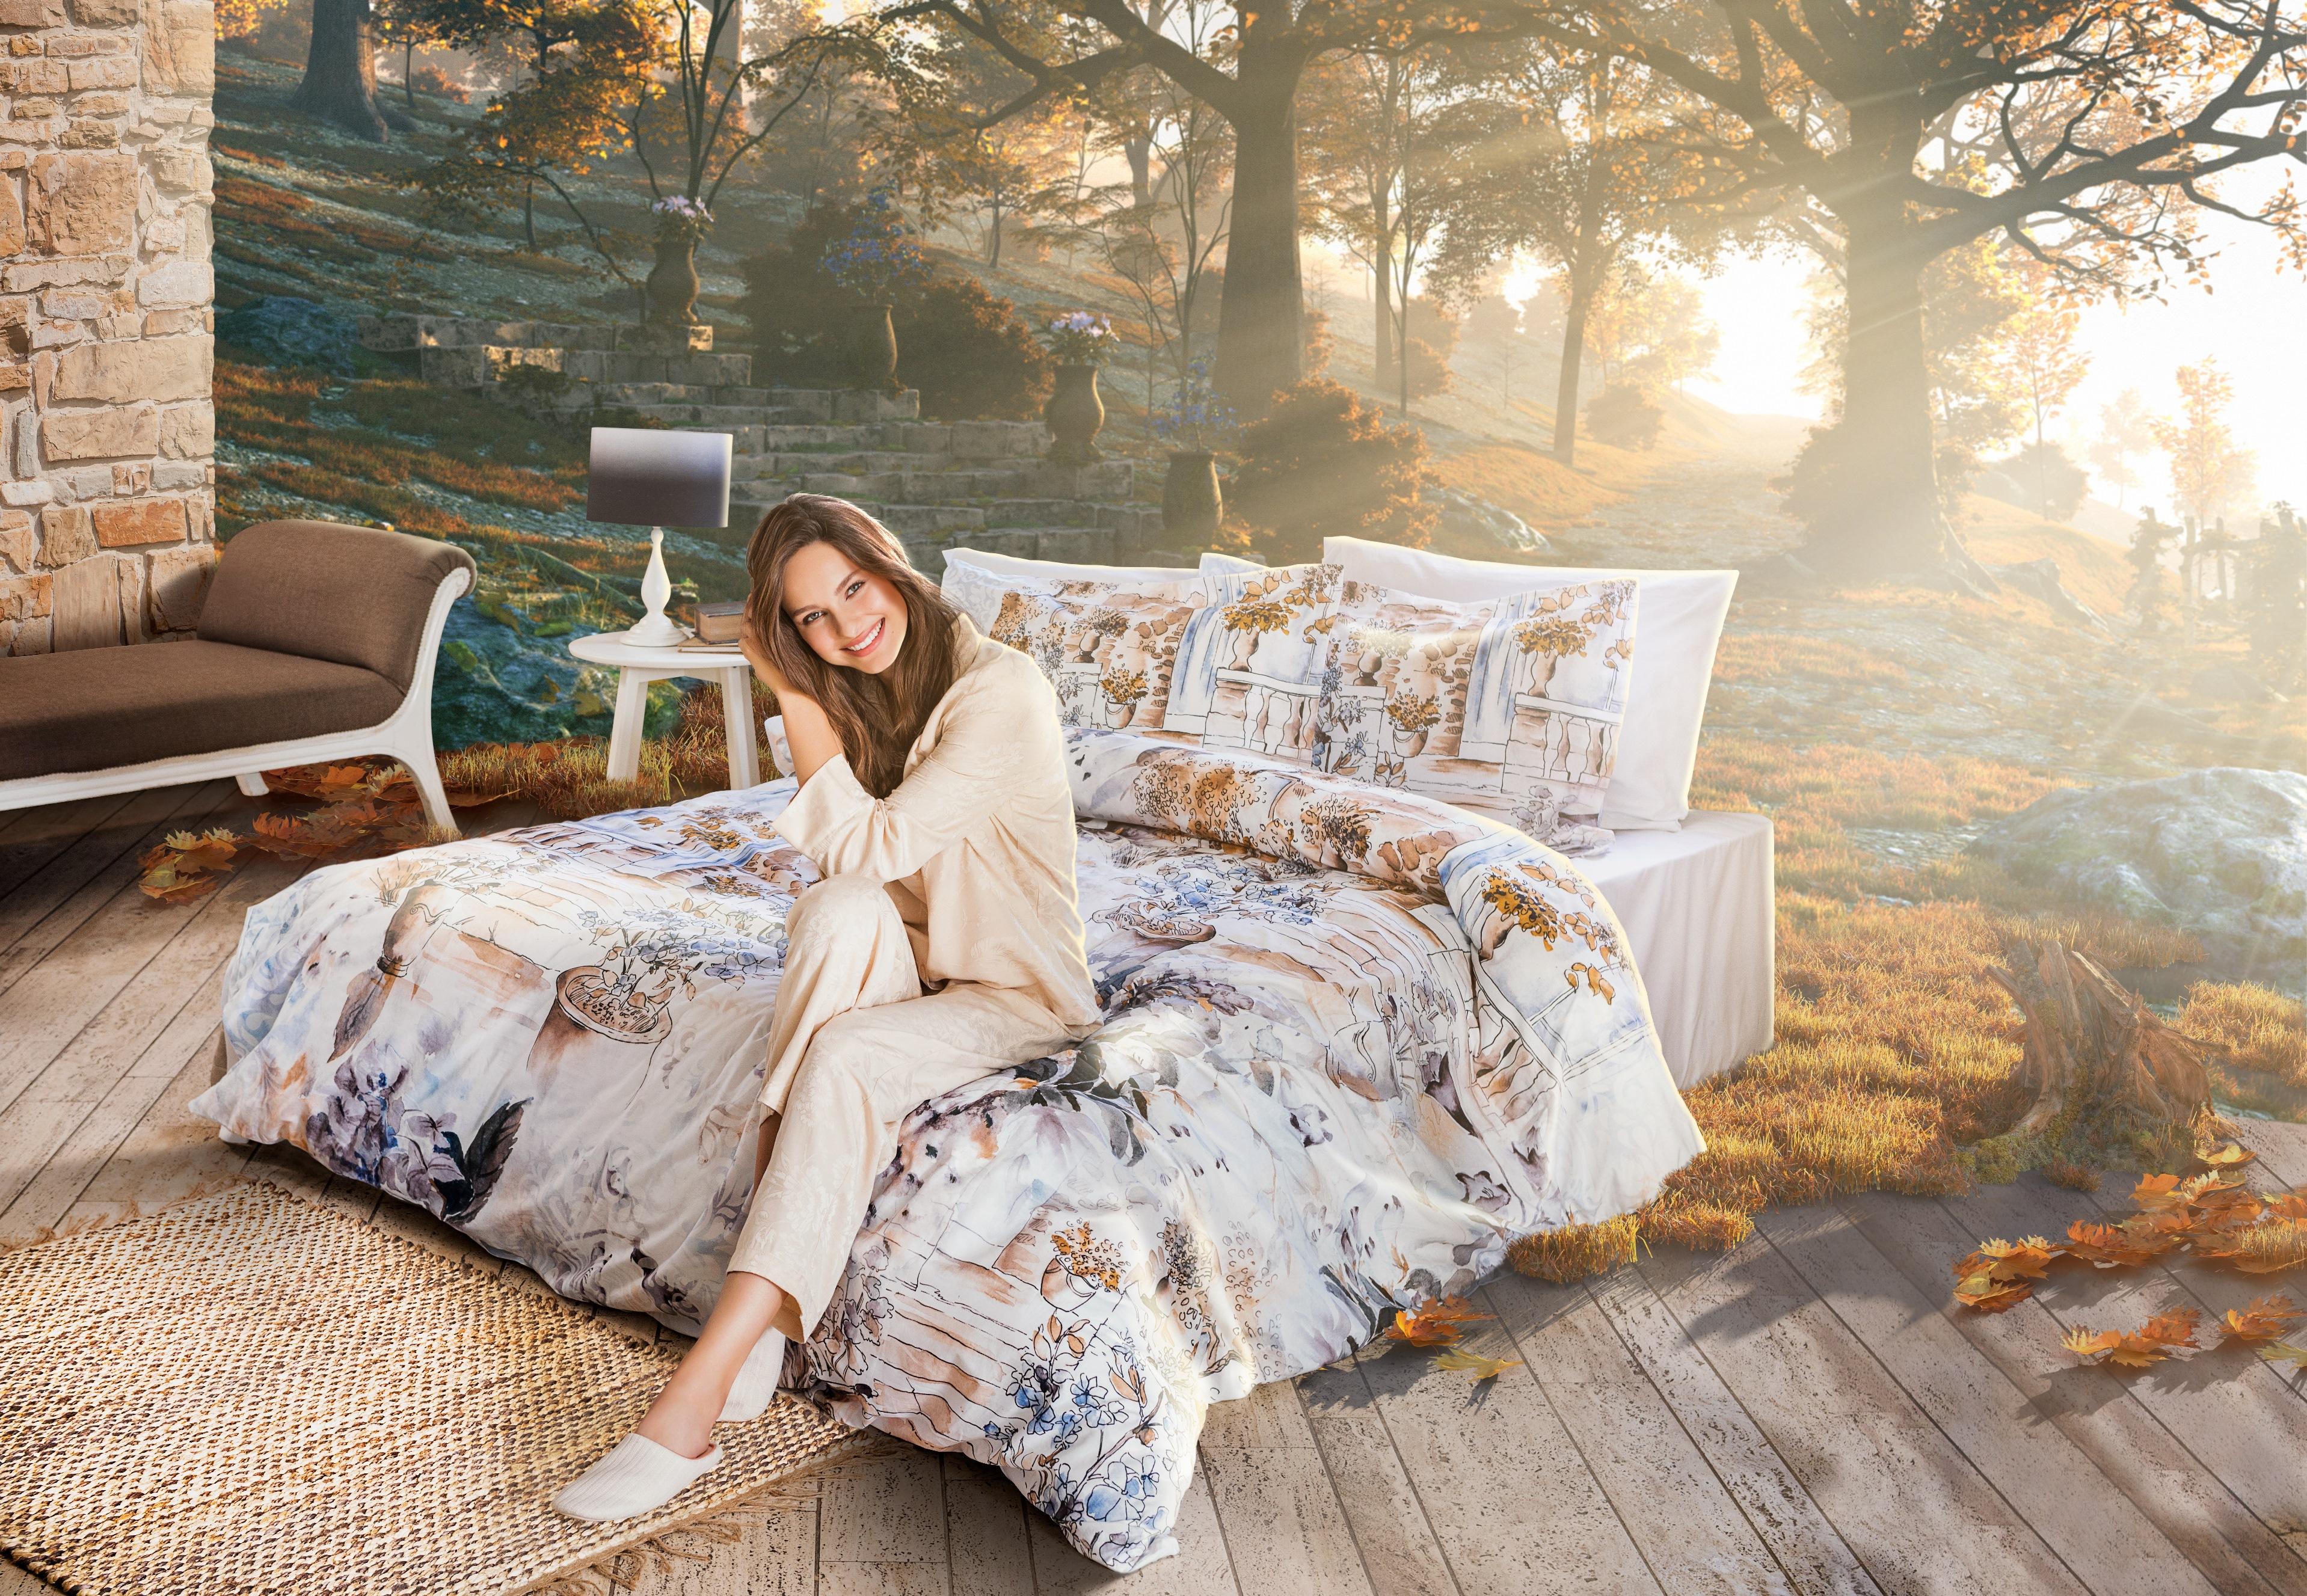 Sonbahar havasını, yatak odalarına nasıl taşıyacağınızı anlatan yeni reklam filminde, sevilen oyuncu Jessica May rol aldı.